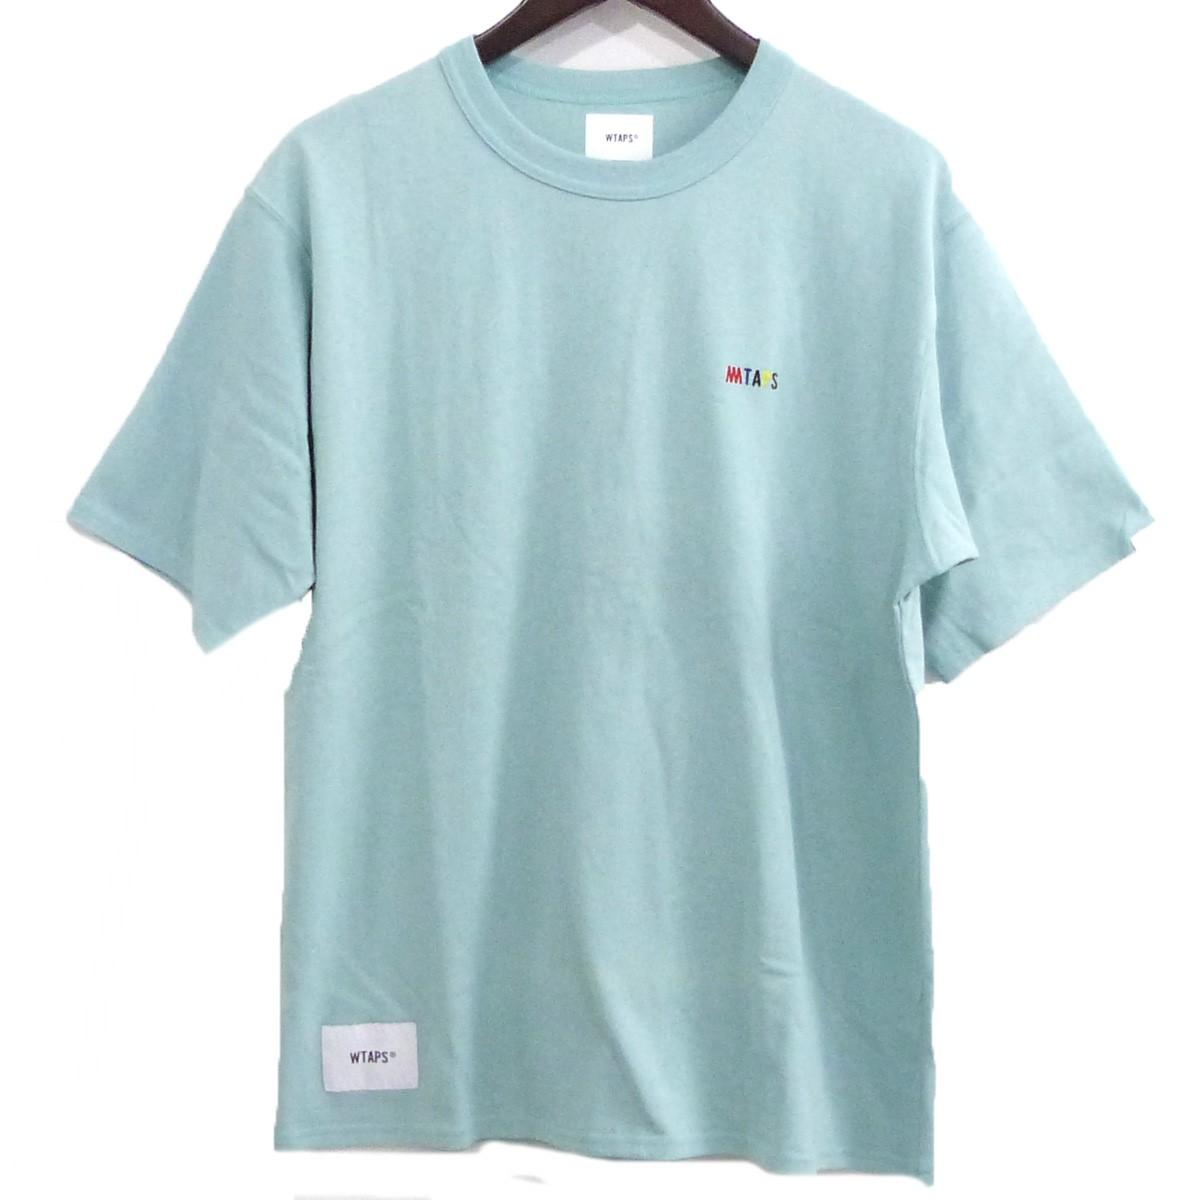 【中古】WTAPS×MIN-NANO 19SS「FLAVA DESIGN SS 02」ロゴ刺繍Tシャツ ミント サイズ:X01 【280420】(ダブルタップス ミンナノ)